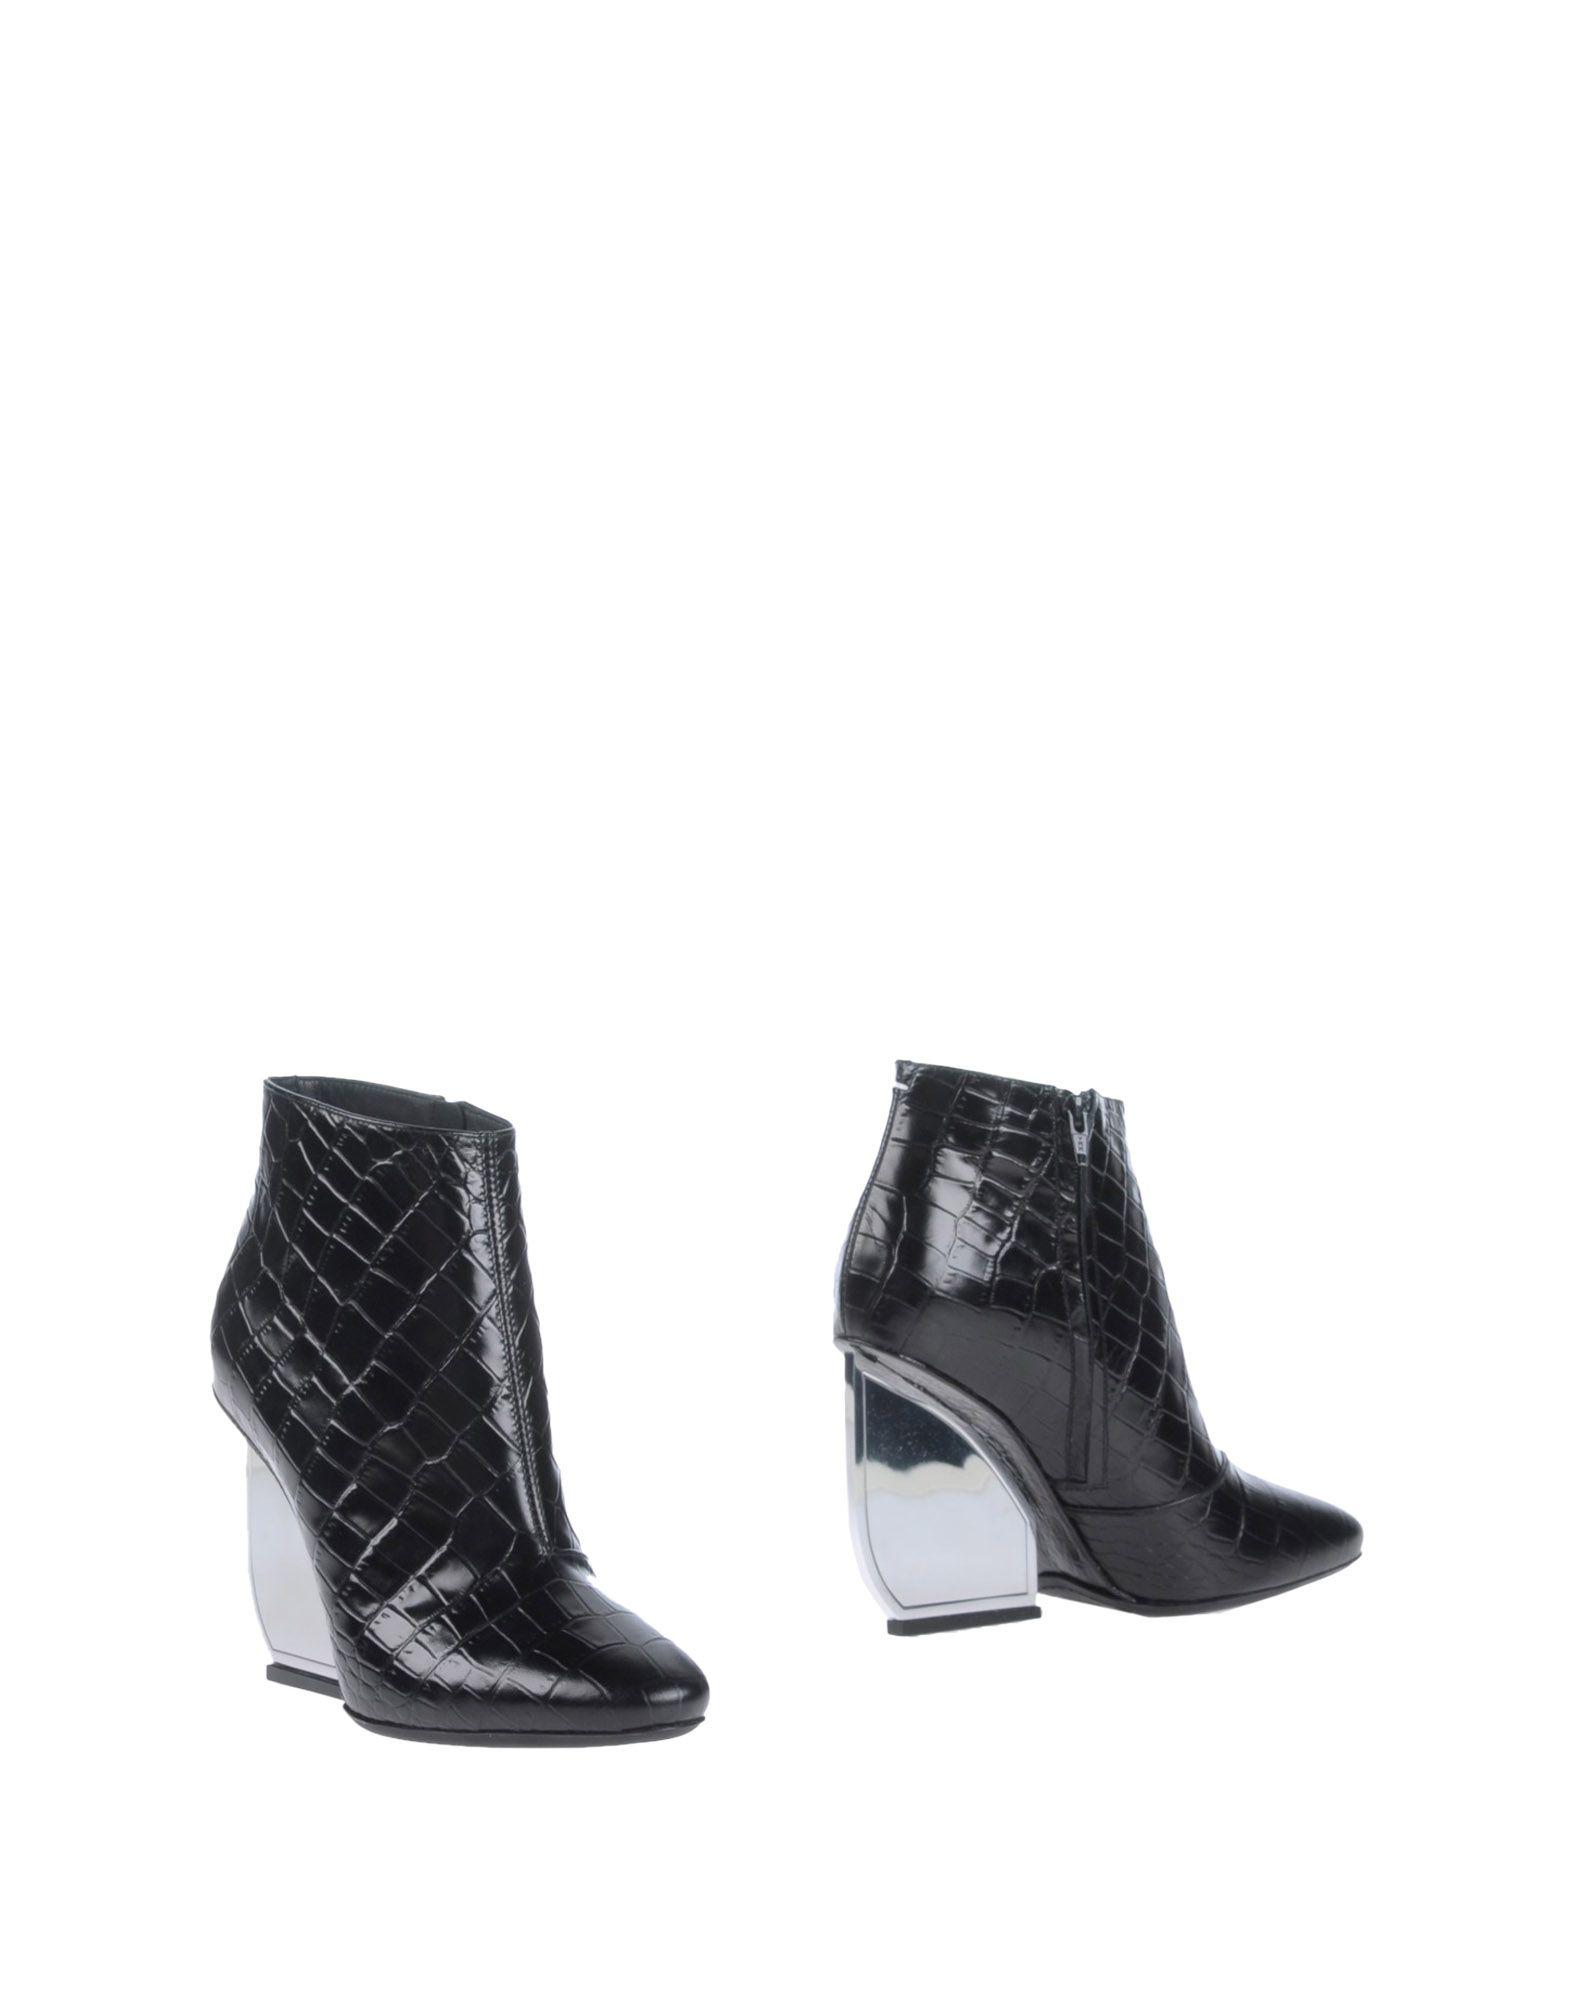 Maison Margiela Stiefelette Damen  11114108LSGünstige gut aussehende Schuhe